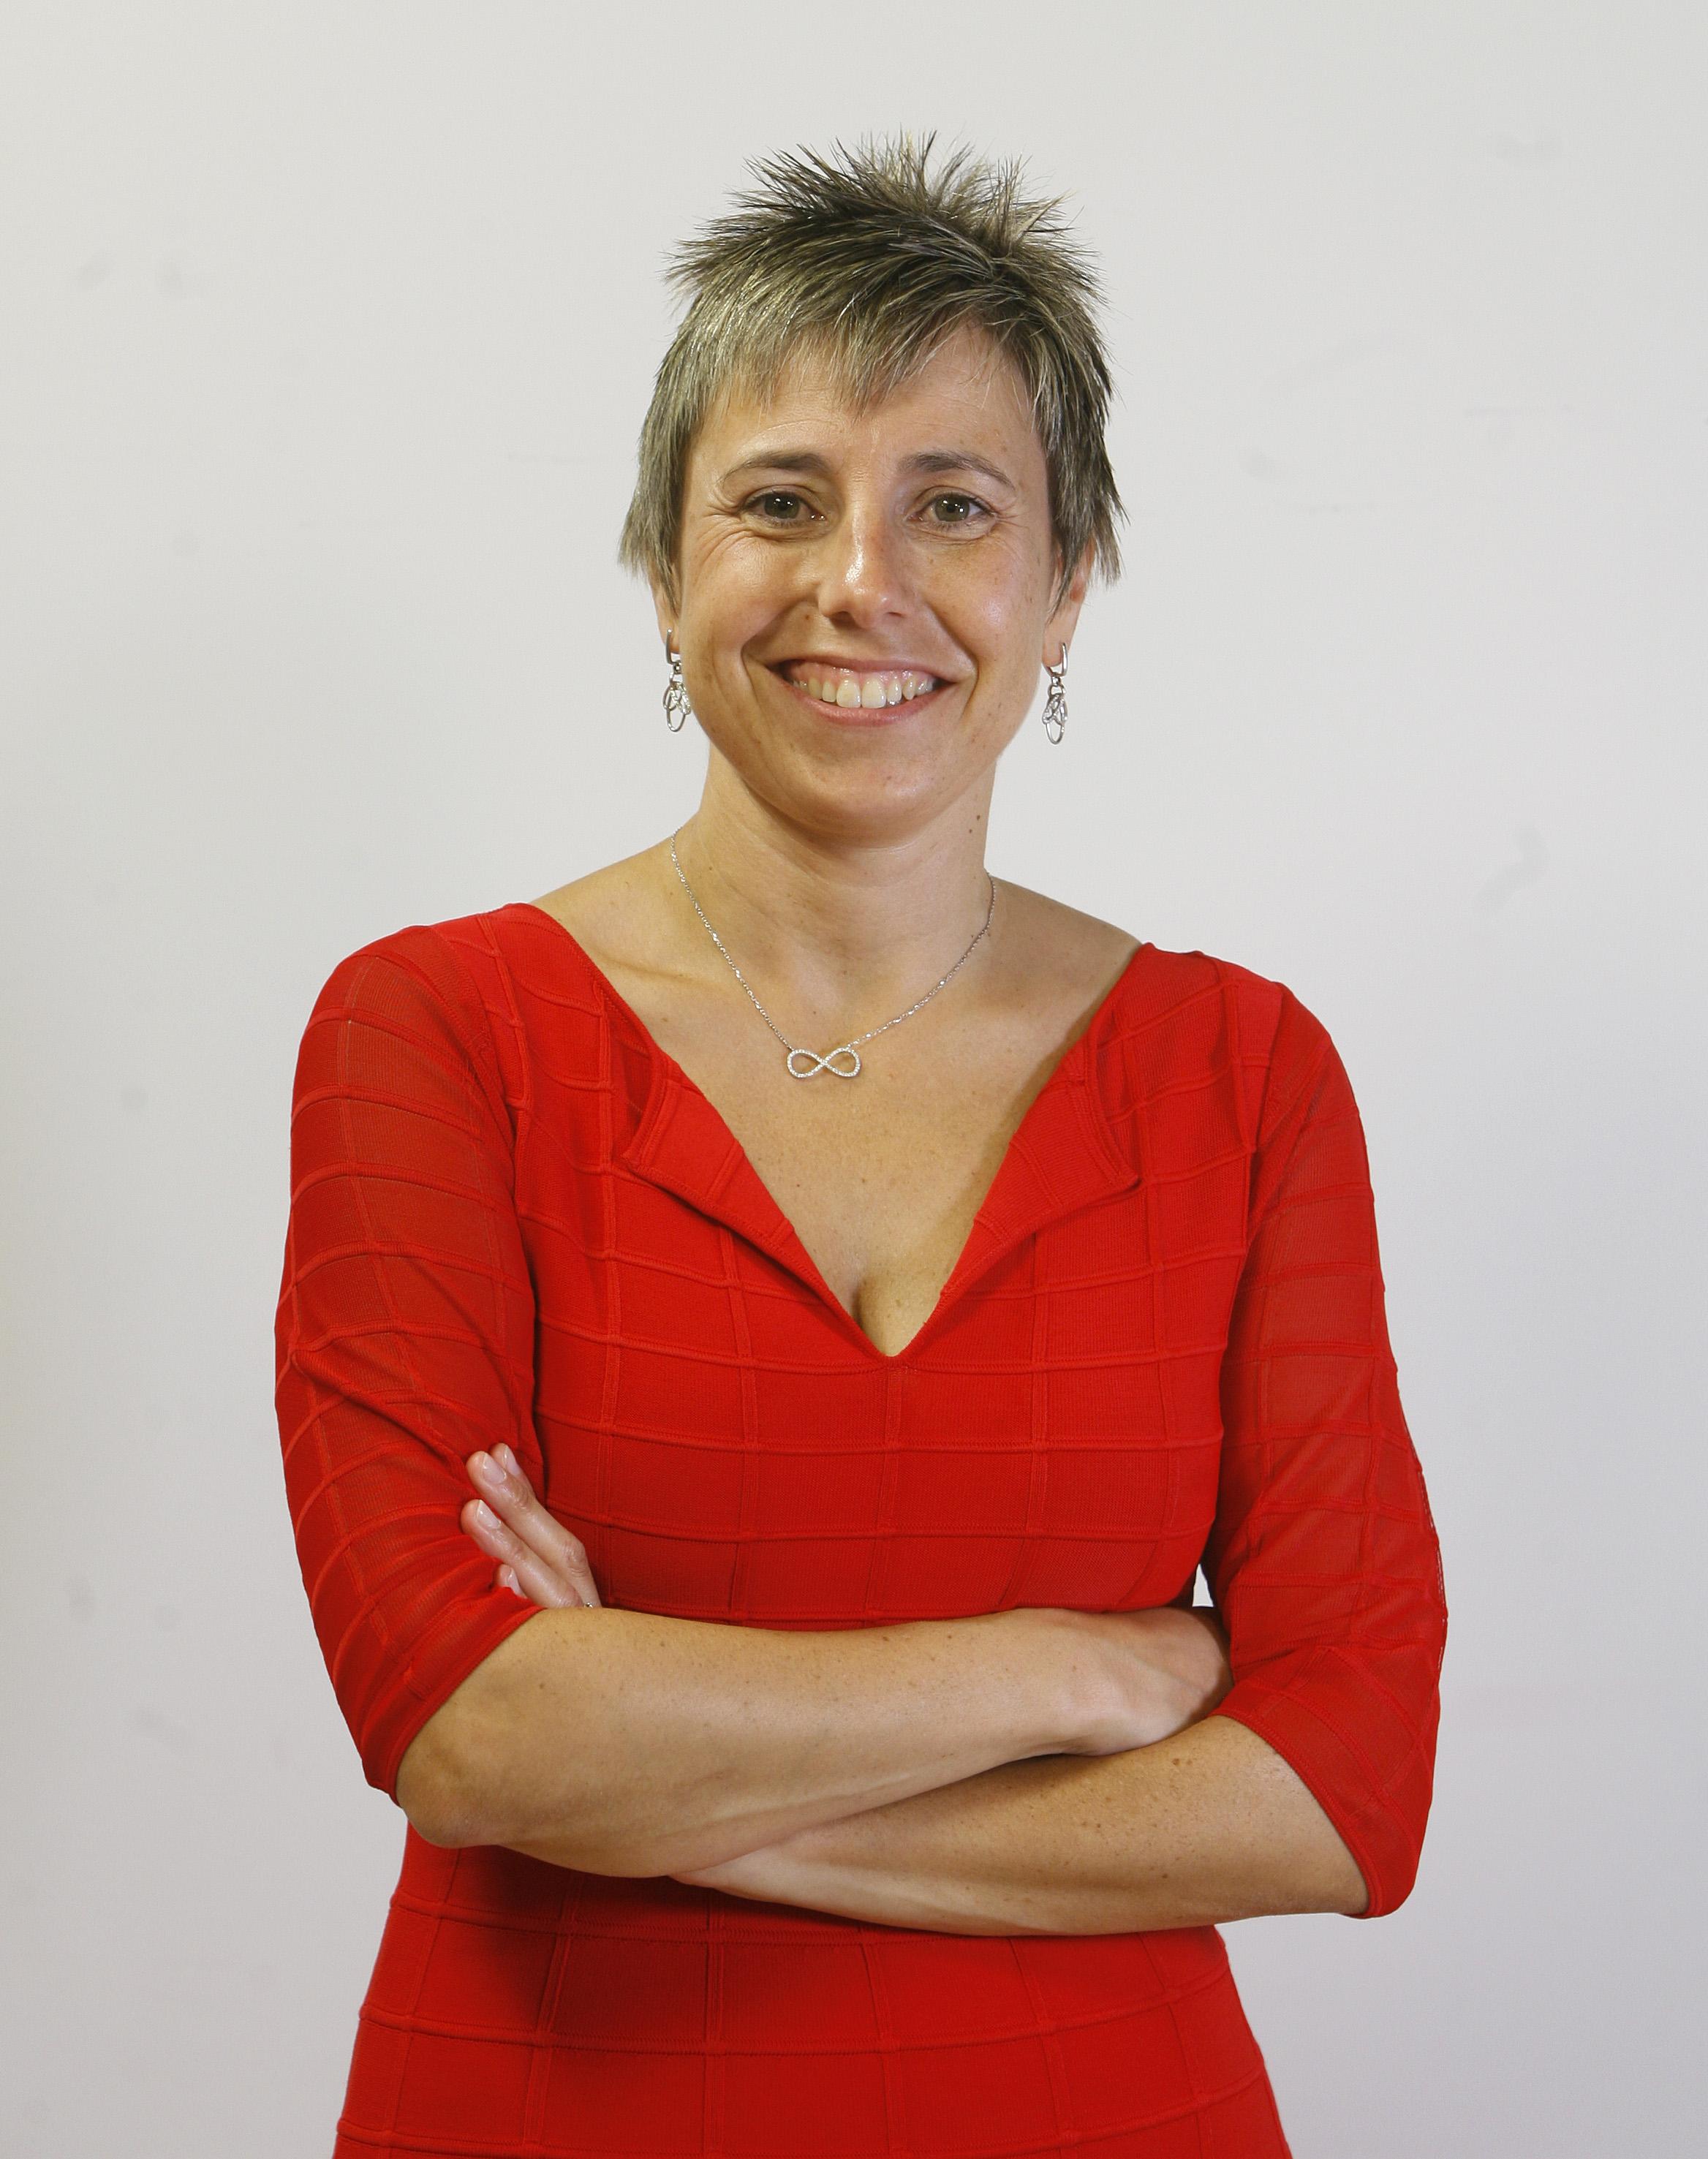 Cristina Tuero